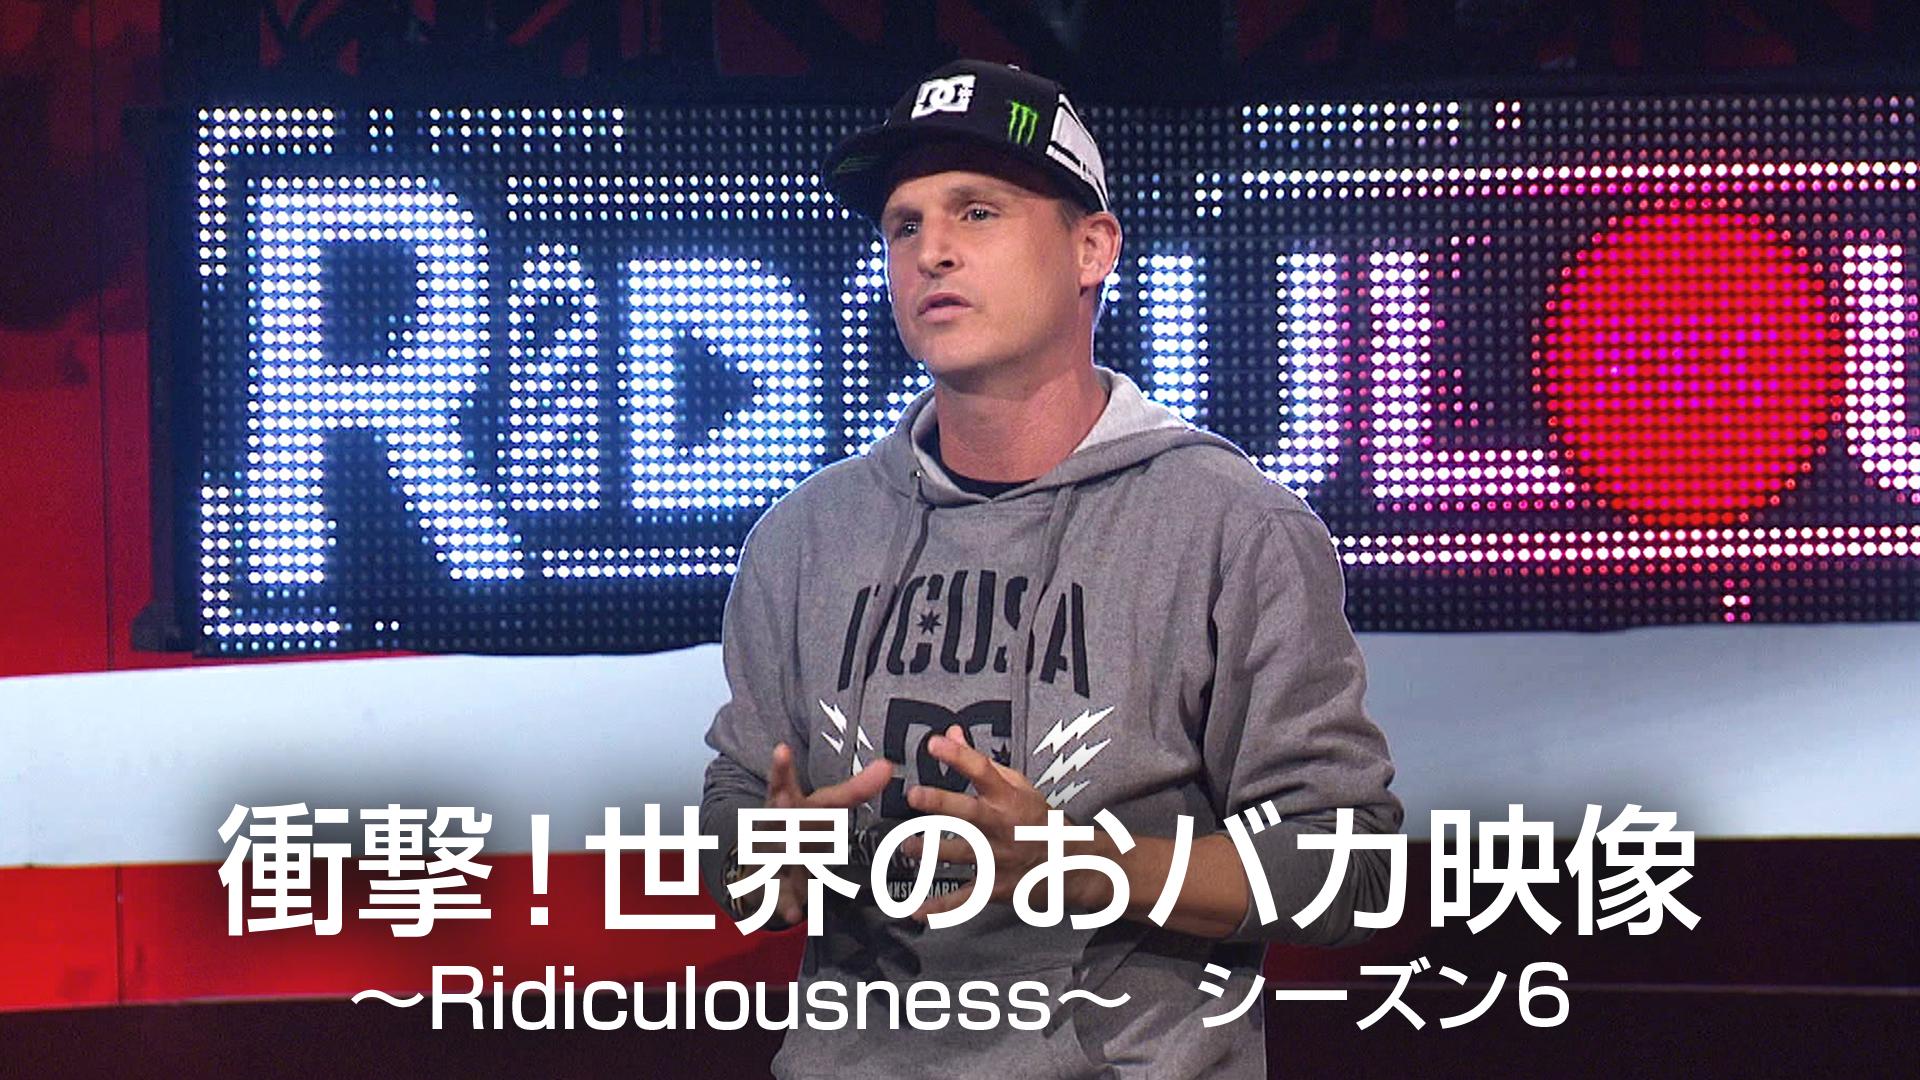 衝撃!世界のおバカ映像 Ridiculousness シーズン6 動画